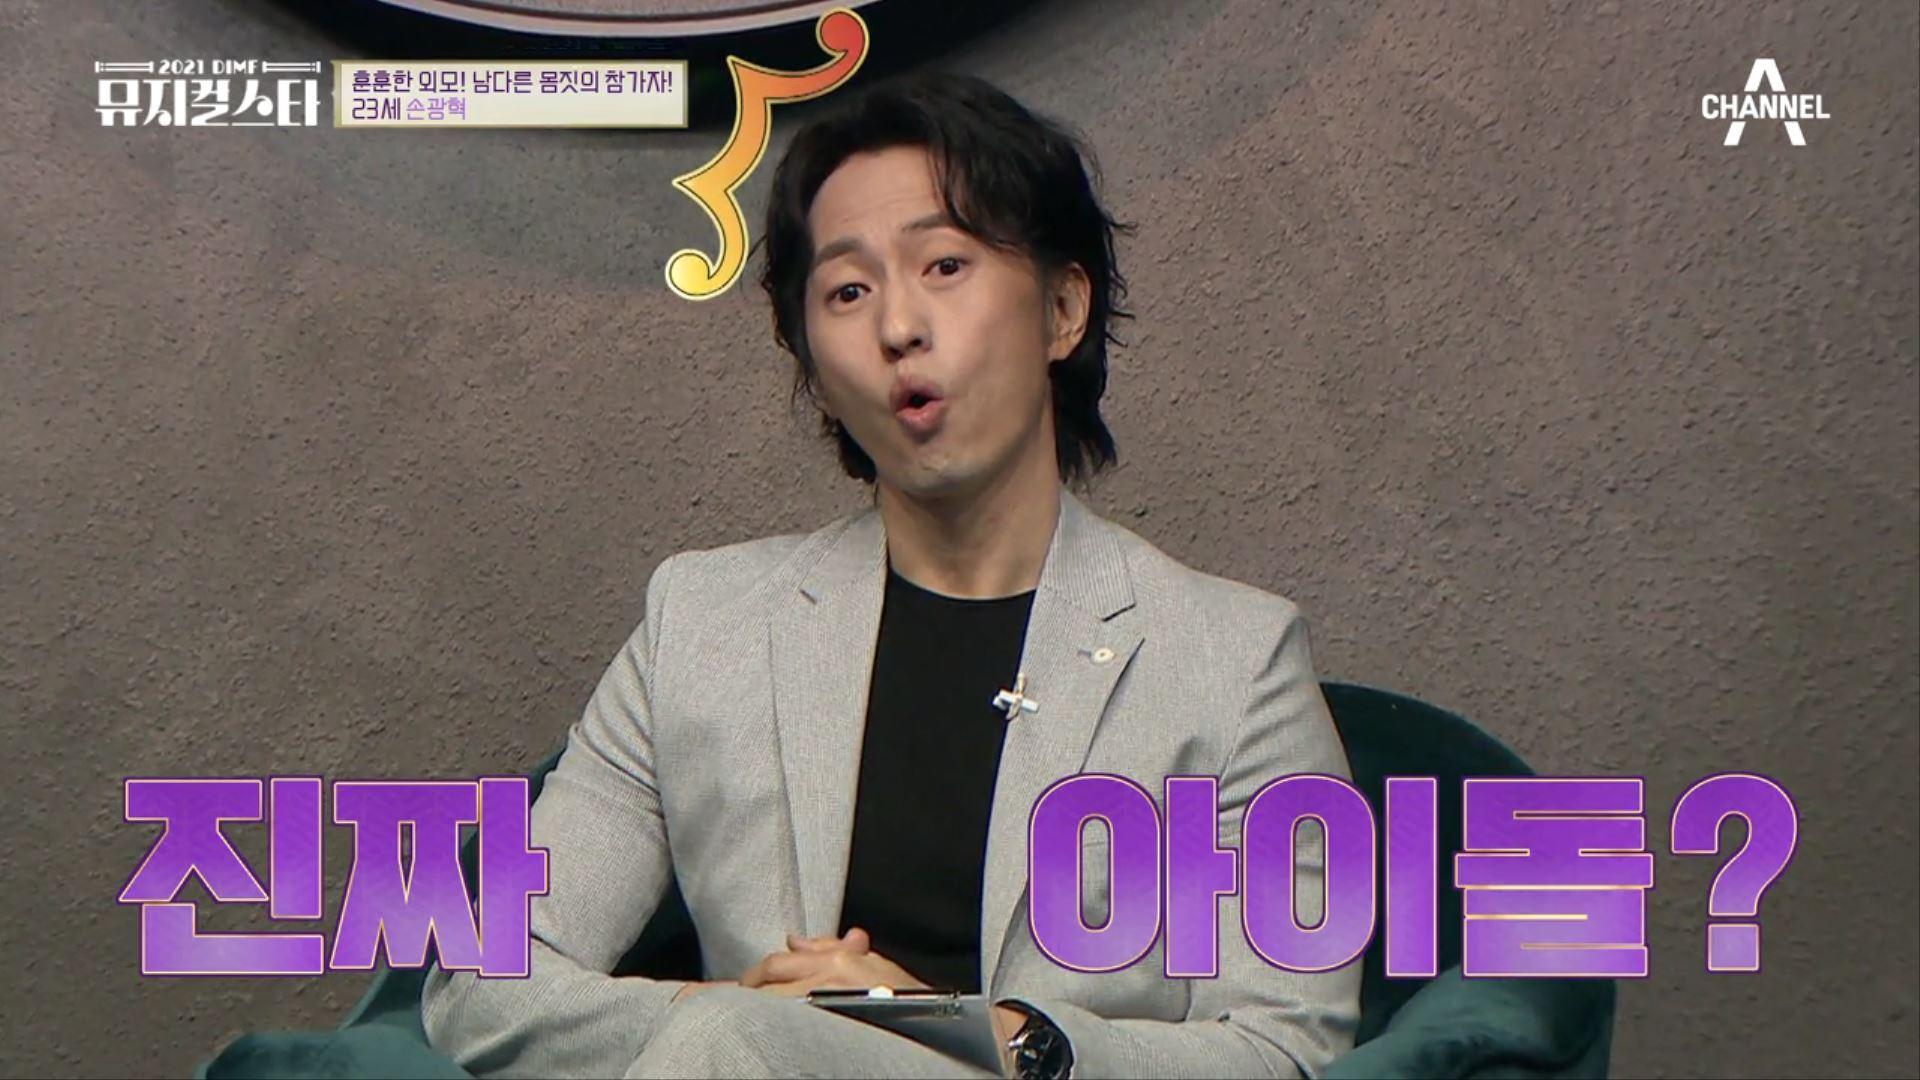 아이돌에서 뮤지컬 배우로서의 새로운 출발선에서 누구보다....